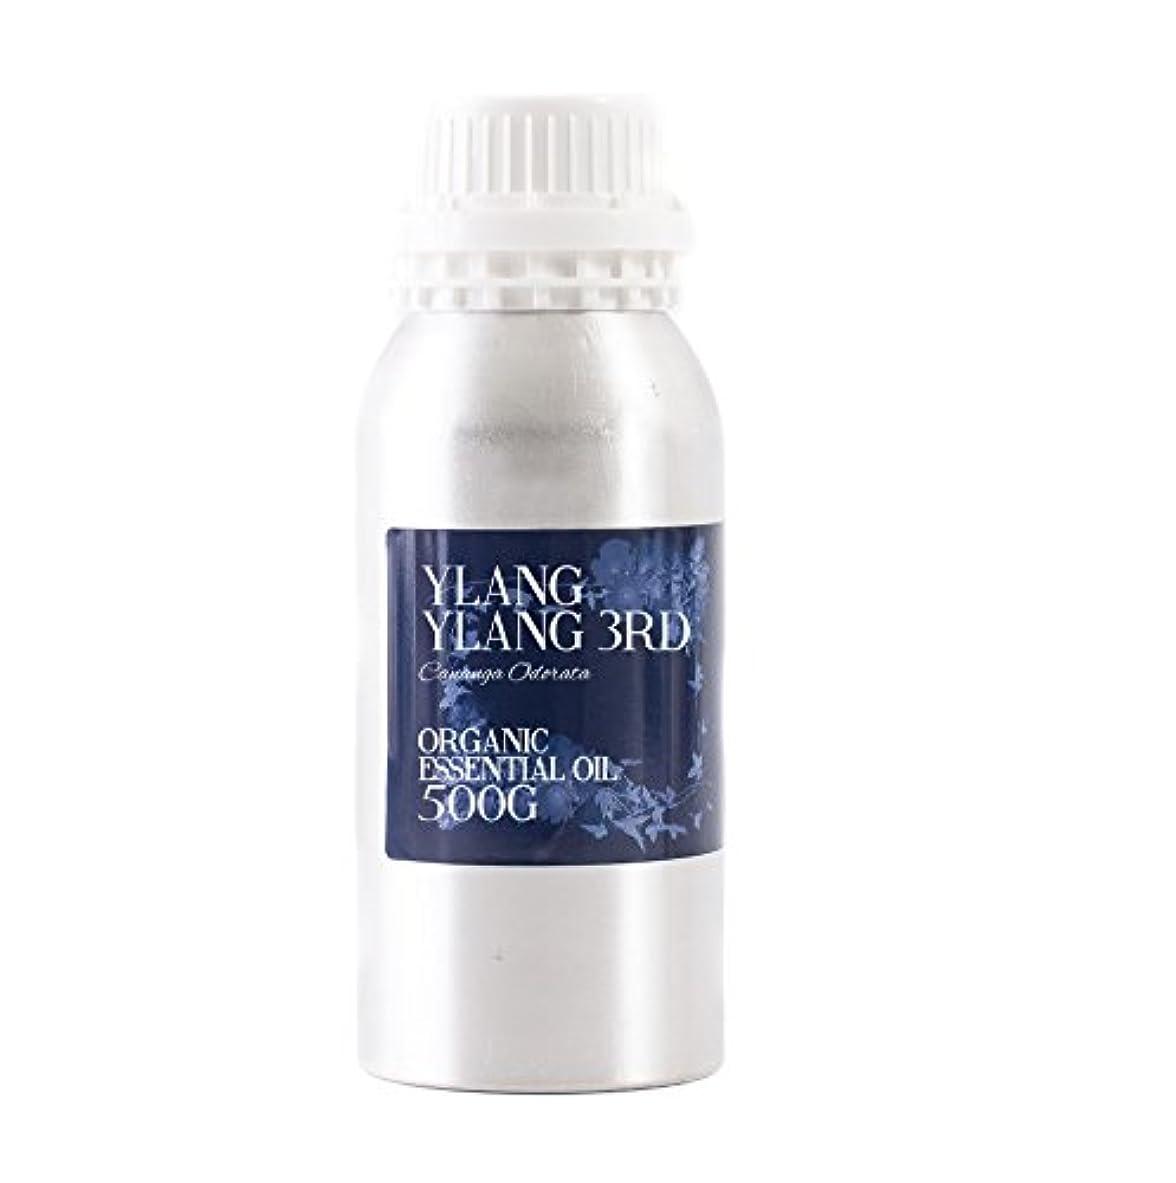 男おじさん聖なるMystic Moments | Ylang Ylang 3rd Organic Essential Oil - 500g - 100% Pure